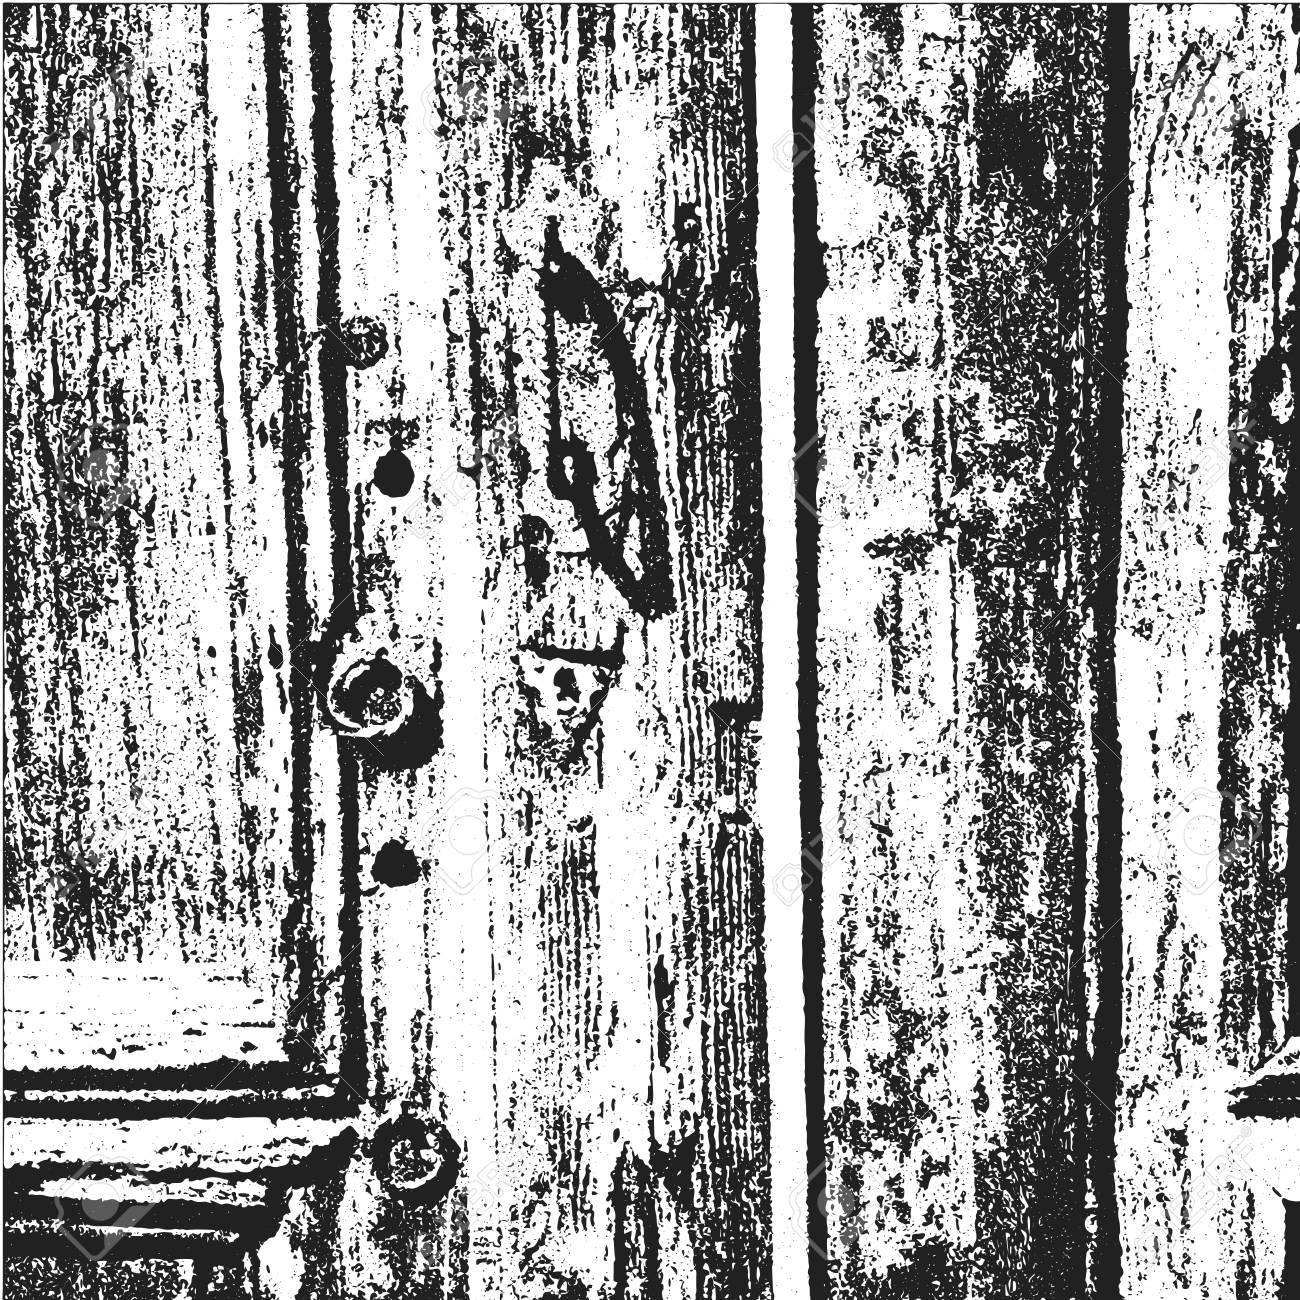 Vintage Tür distress grunge-hintergrund mit hölzernen alten vintage-tür. grunge